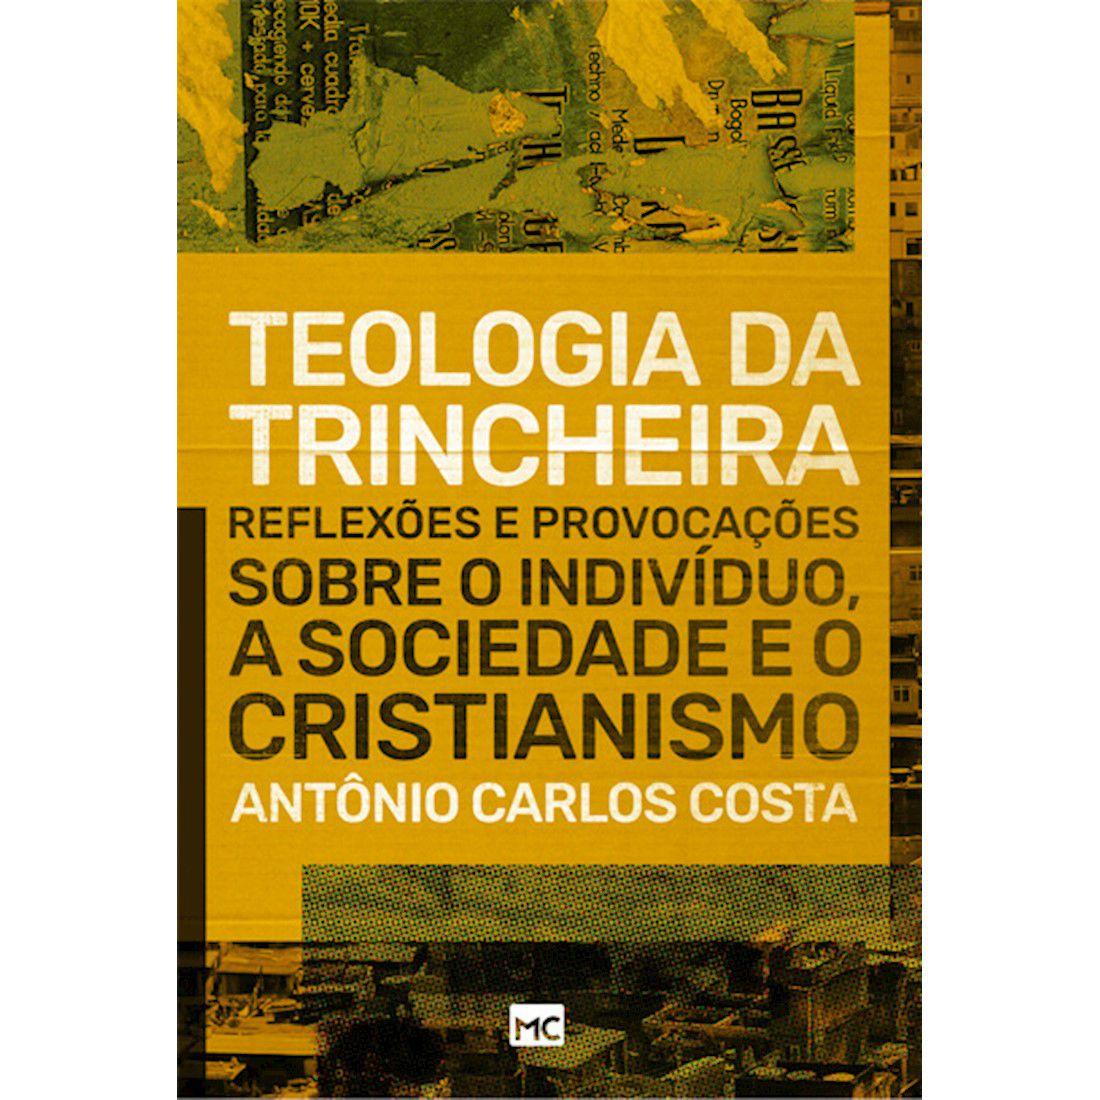 Livro Teologia da Trincheira